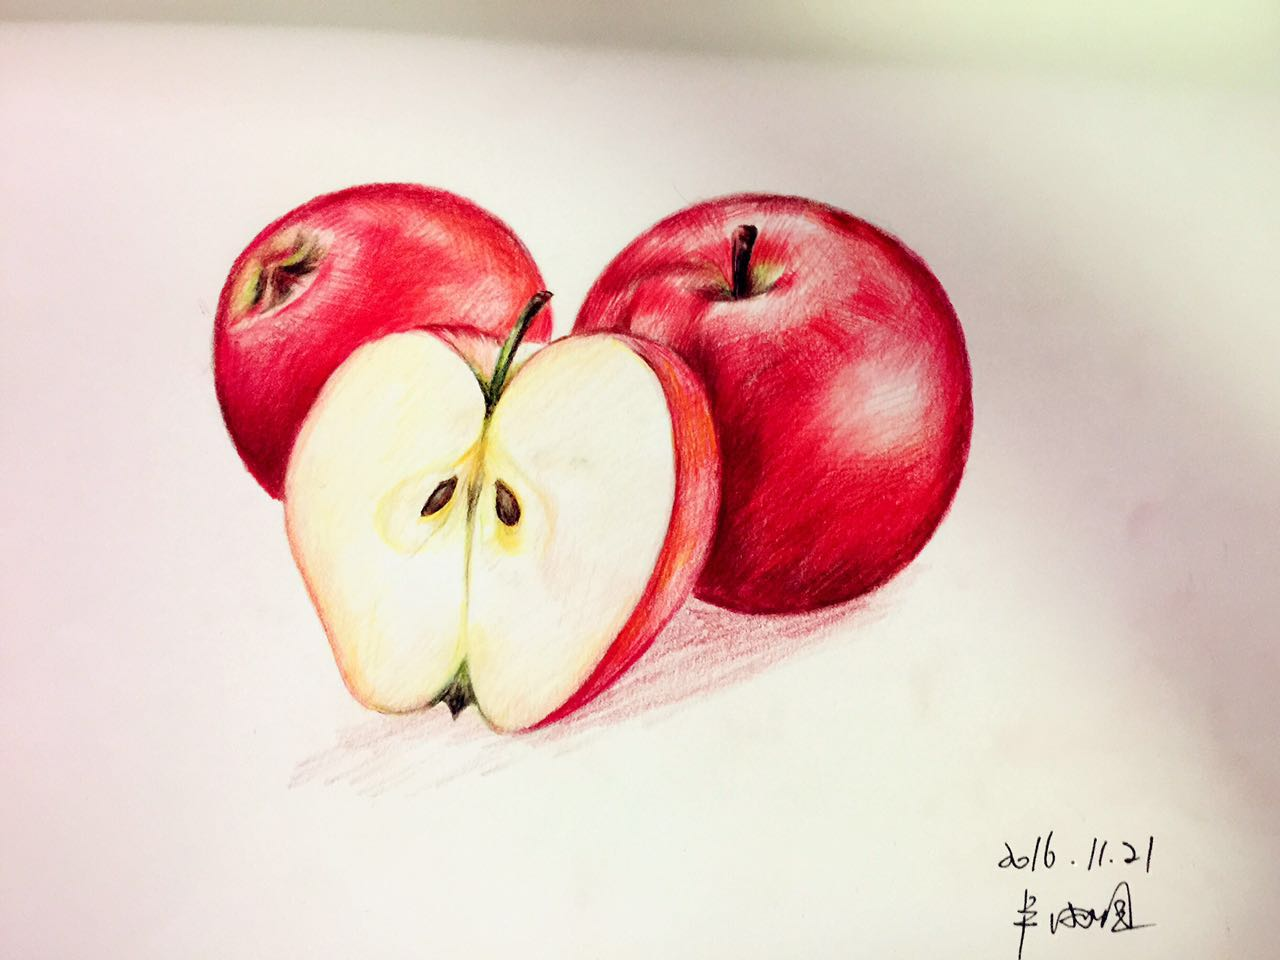 手绘彩铅苹果